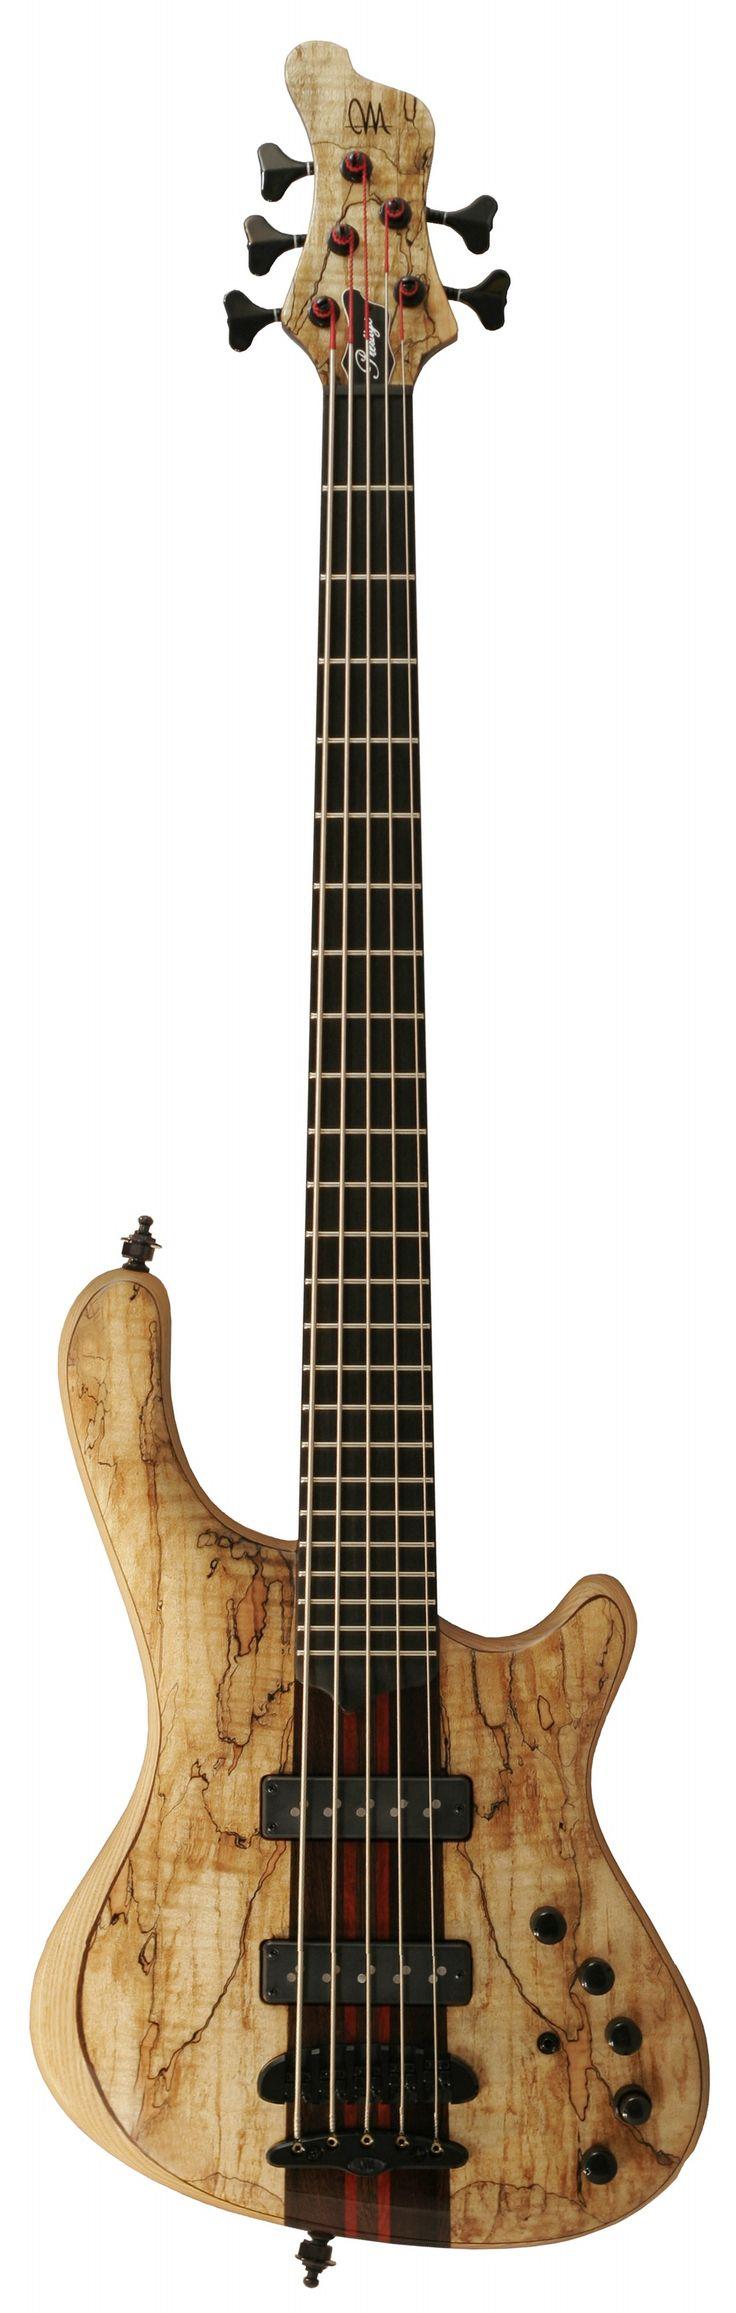 Mayones Prestige 5 Classic Bass Guitar